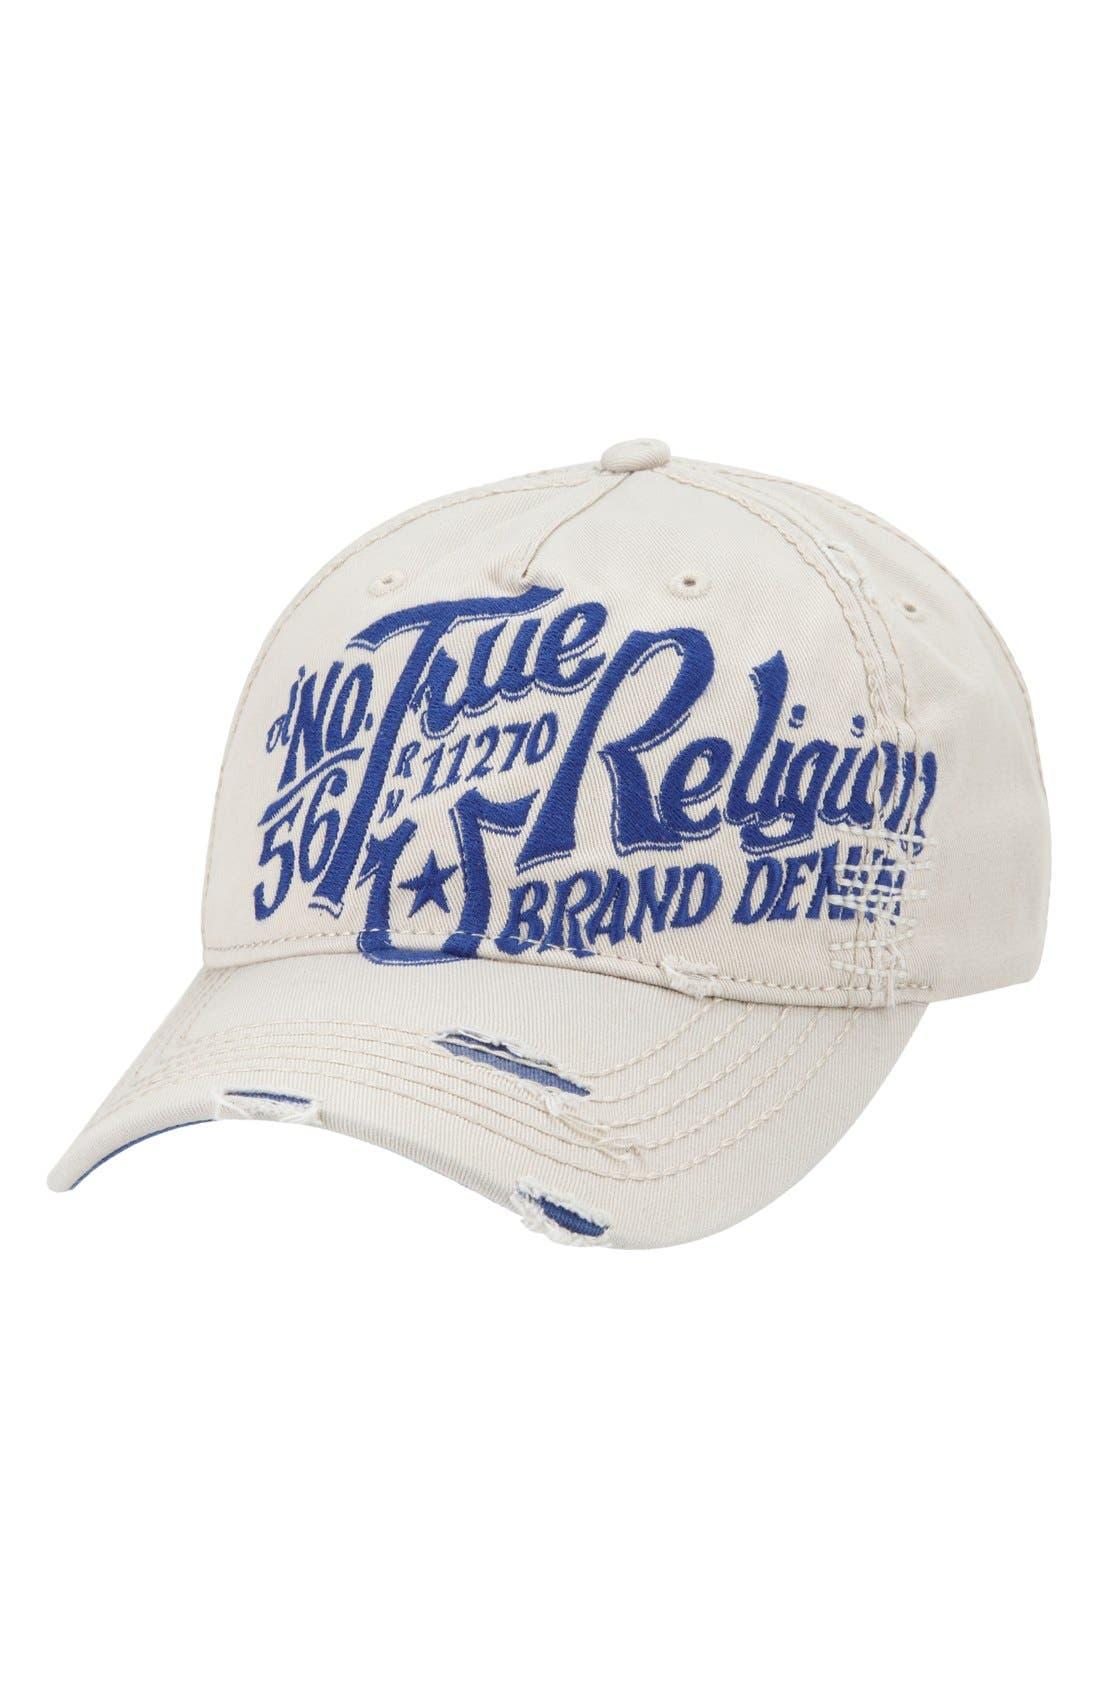 Alternate Image 1 Selected - True Religion Brand Jeans 'Ol 56' Baseball Cap